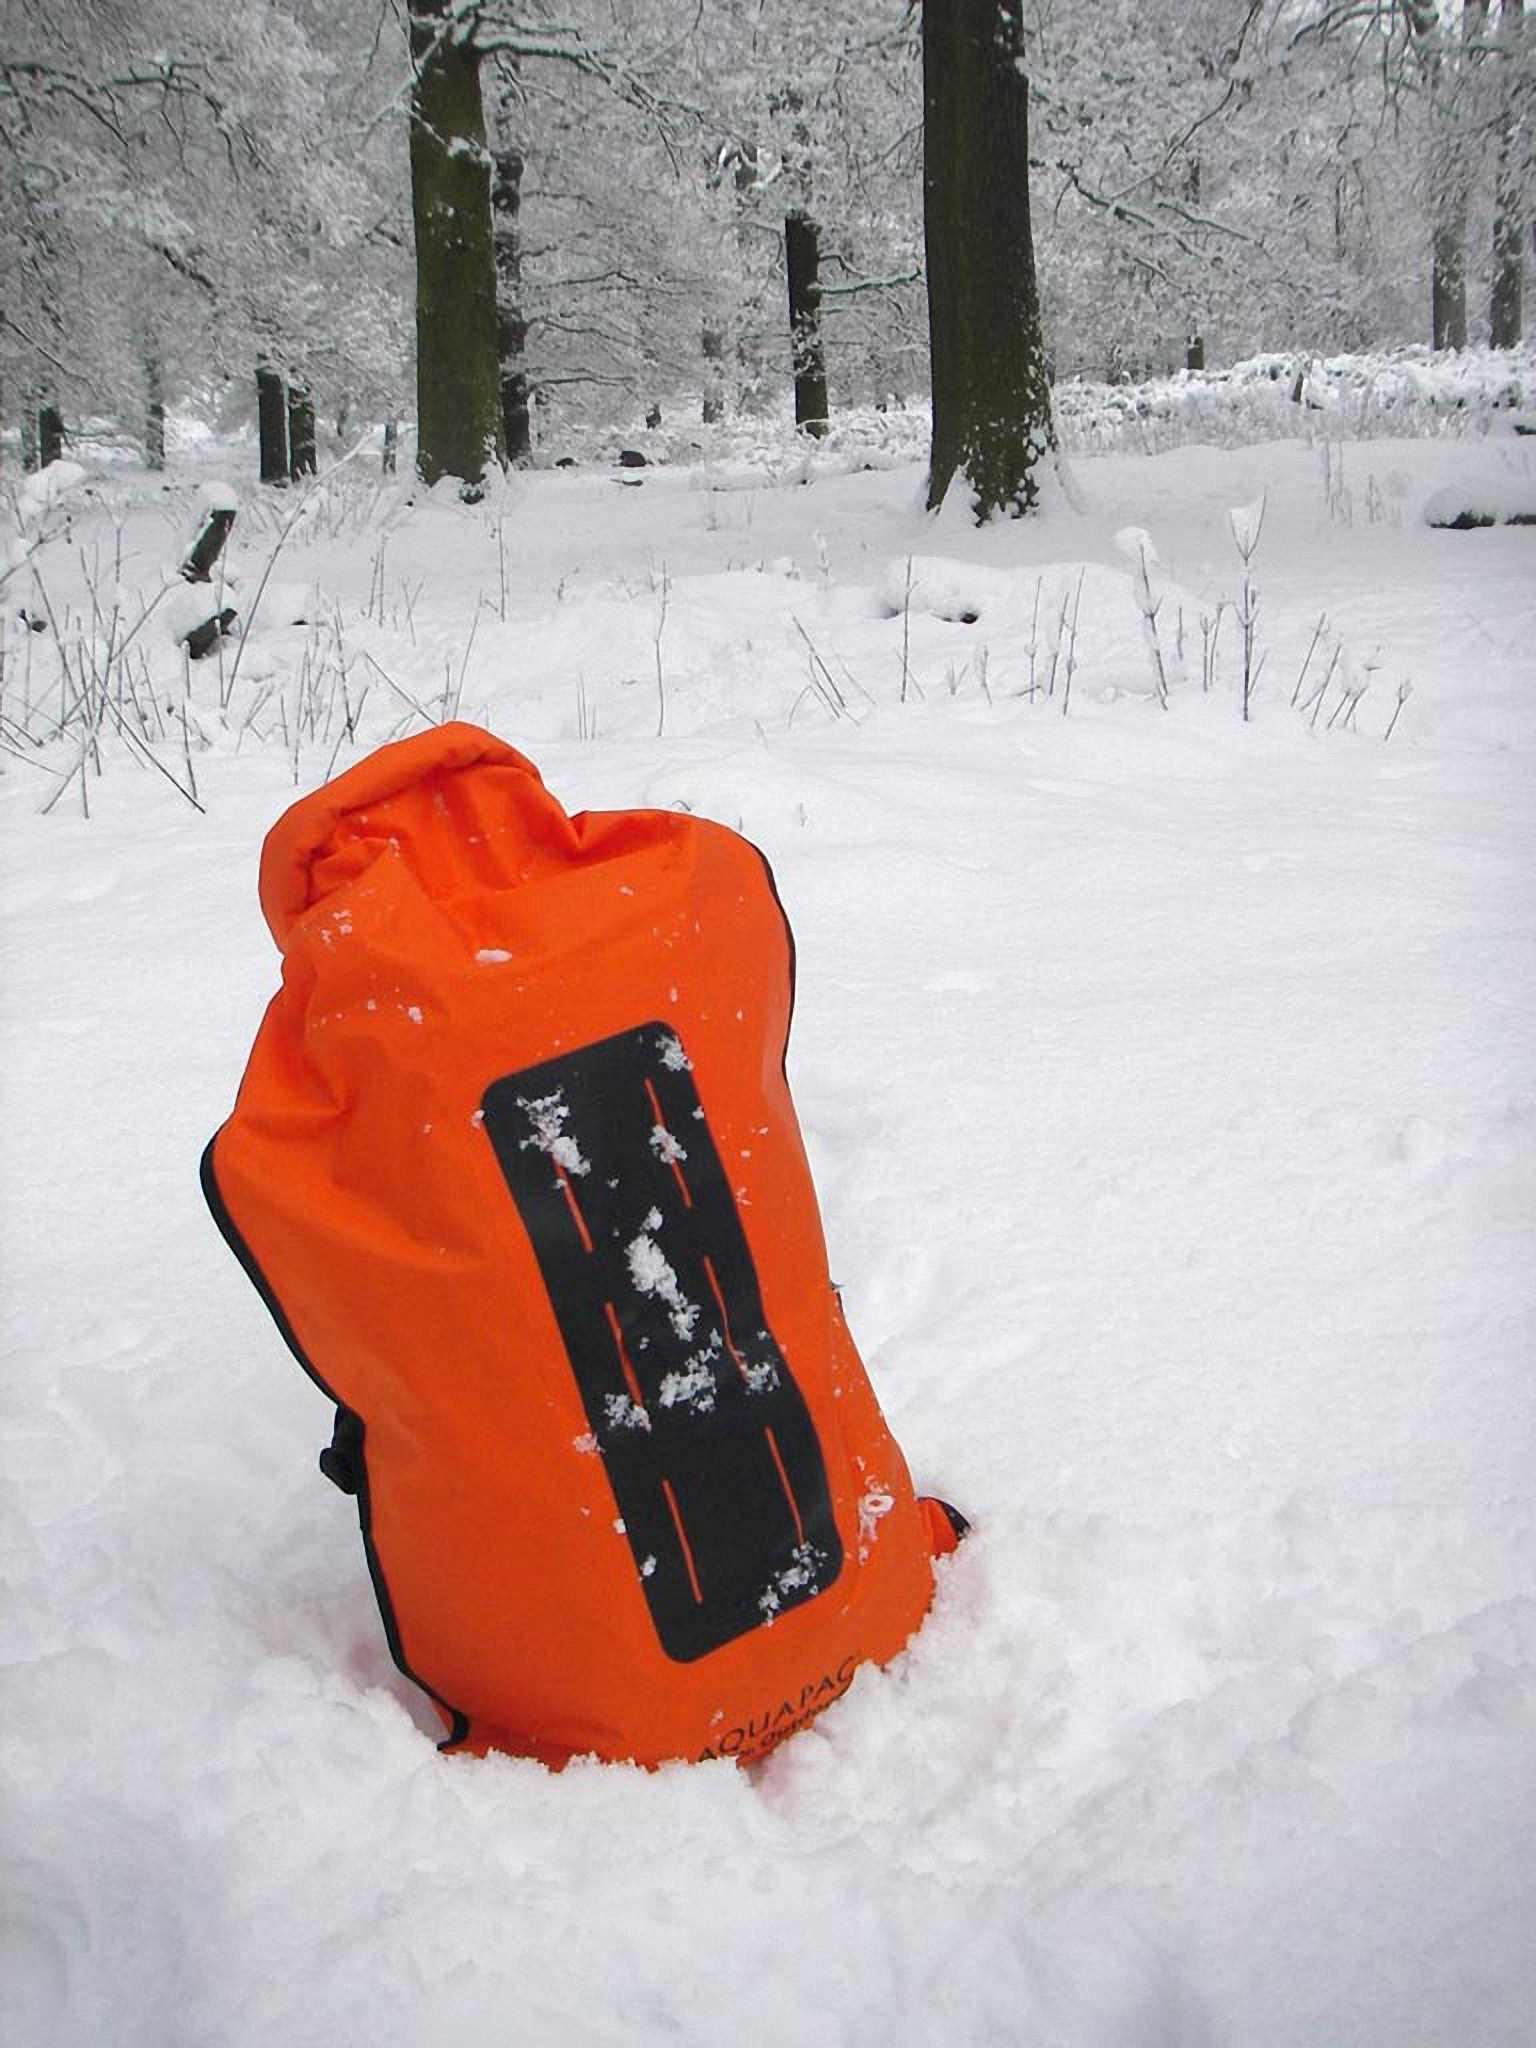 Водонепроницаемый  гермомешок-рюкзак (с двумя плечевыми ремнями) Aquapac 760 - Noatak Wet & Drybag - 15L.. Aquapac - №1 в мире водонепроницаемых чехлов и сумок. Фото 9